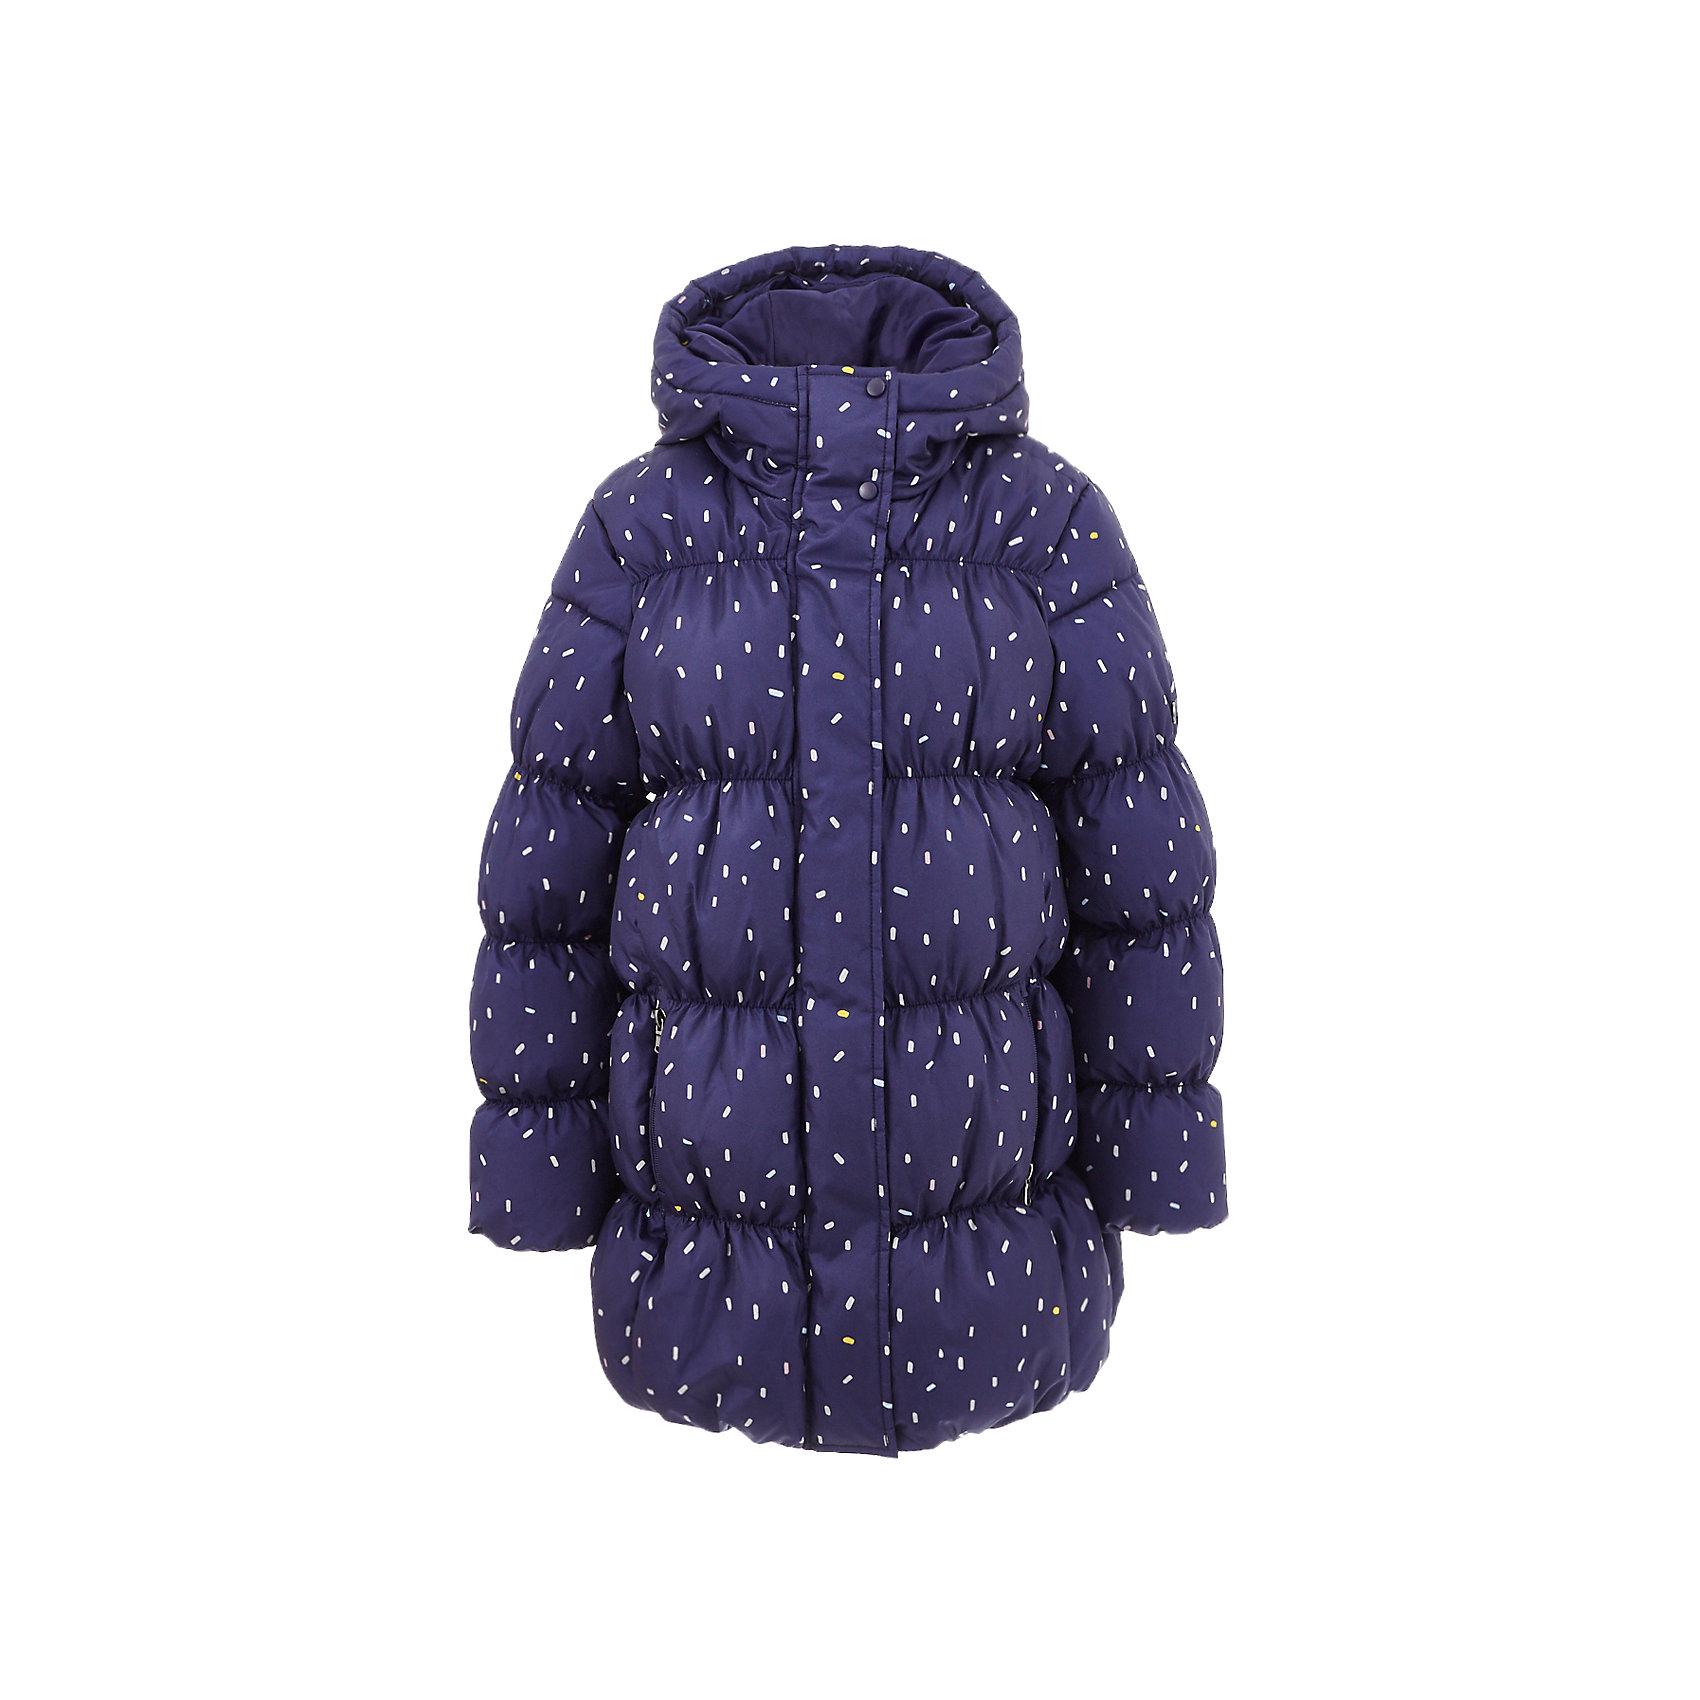 Куртка BUTTON BLUE для девочкиВерхняя одежда<br>Куртка BUTTON BLUE для девочки<br>В преддверии осенней сырости и холодов главная задача родителей - купить полупальто или хорошую куртку! Добротное полупальто для девочки - гарантия тепла и комфорта. Оригинальная принтованная плащевка создает настроение, модная форма делает полупальто привлекательным. У полупальто от Button Blue есть все шансы стать базовой вещью в практичном осеннем гардеробе ребенка! Прекрасный внешний вид и функциональность делают полупальто от Buttons Blue востребованной моделью. Оптимальная цена позволяет создать полноценный и разнообразный детский гардероб из модных, нужных и интересных вещей.<br>Состав:<br>тк. верха:100% полиэстер               Подкладка: 100% хлопок/100% полиэстер  Утеплитель 100% полиэстер<br><br>Ширина мм: 356<br>Глубина мм: 10<br>Высота мм: 245<br>Вес г: 519<br>Цвет: темно-синий<br>Возраст от месяцев: 120<br>Возраст до месяцев: 132<br>Пол: Женский<br>Возраст: Детский<br>Размер: 146,98,104,110,152,116,122,128,158,134,140<br>SKU: 7037897